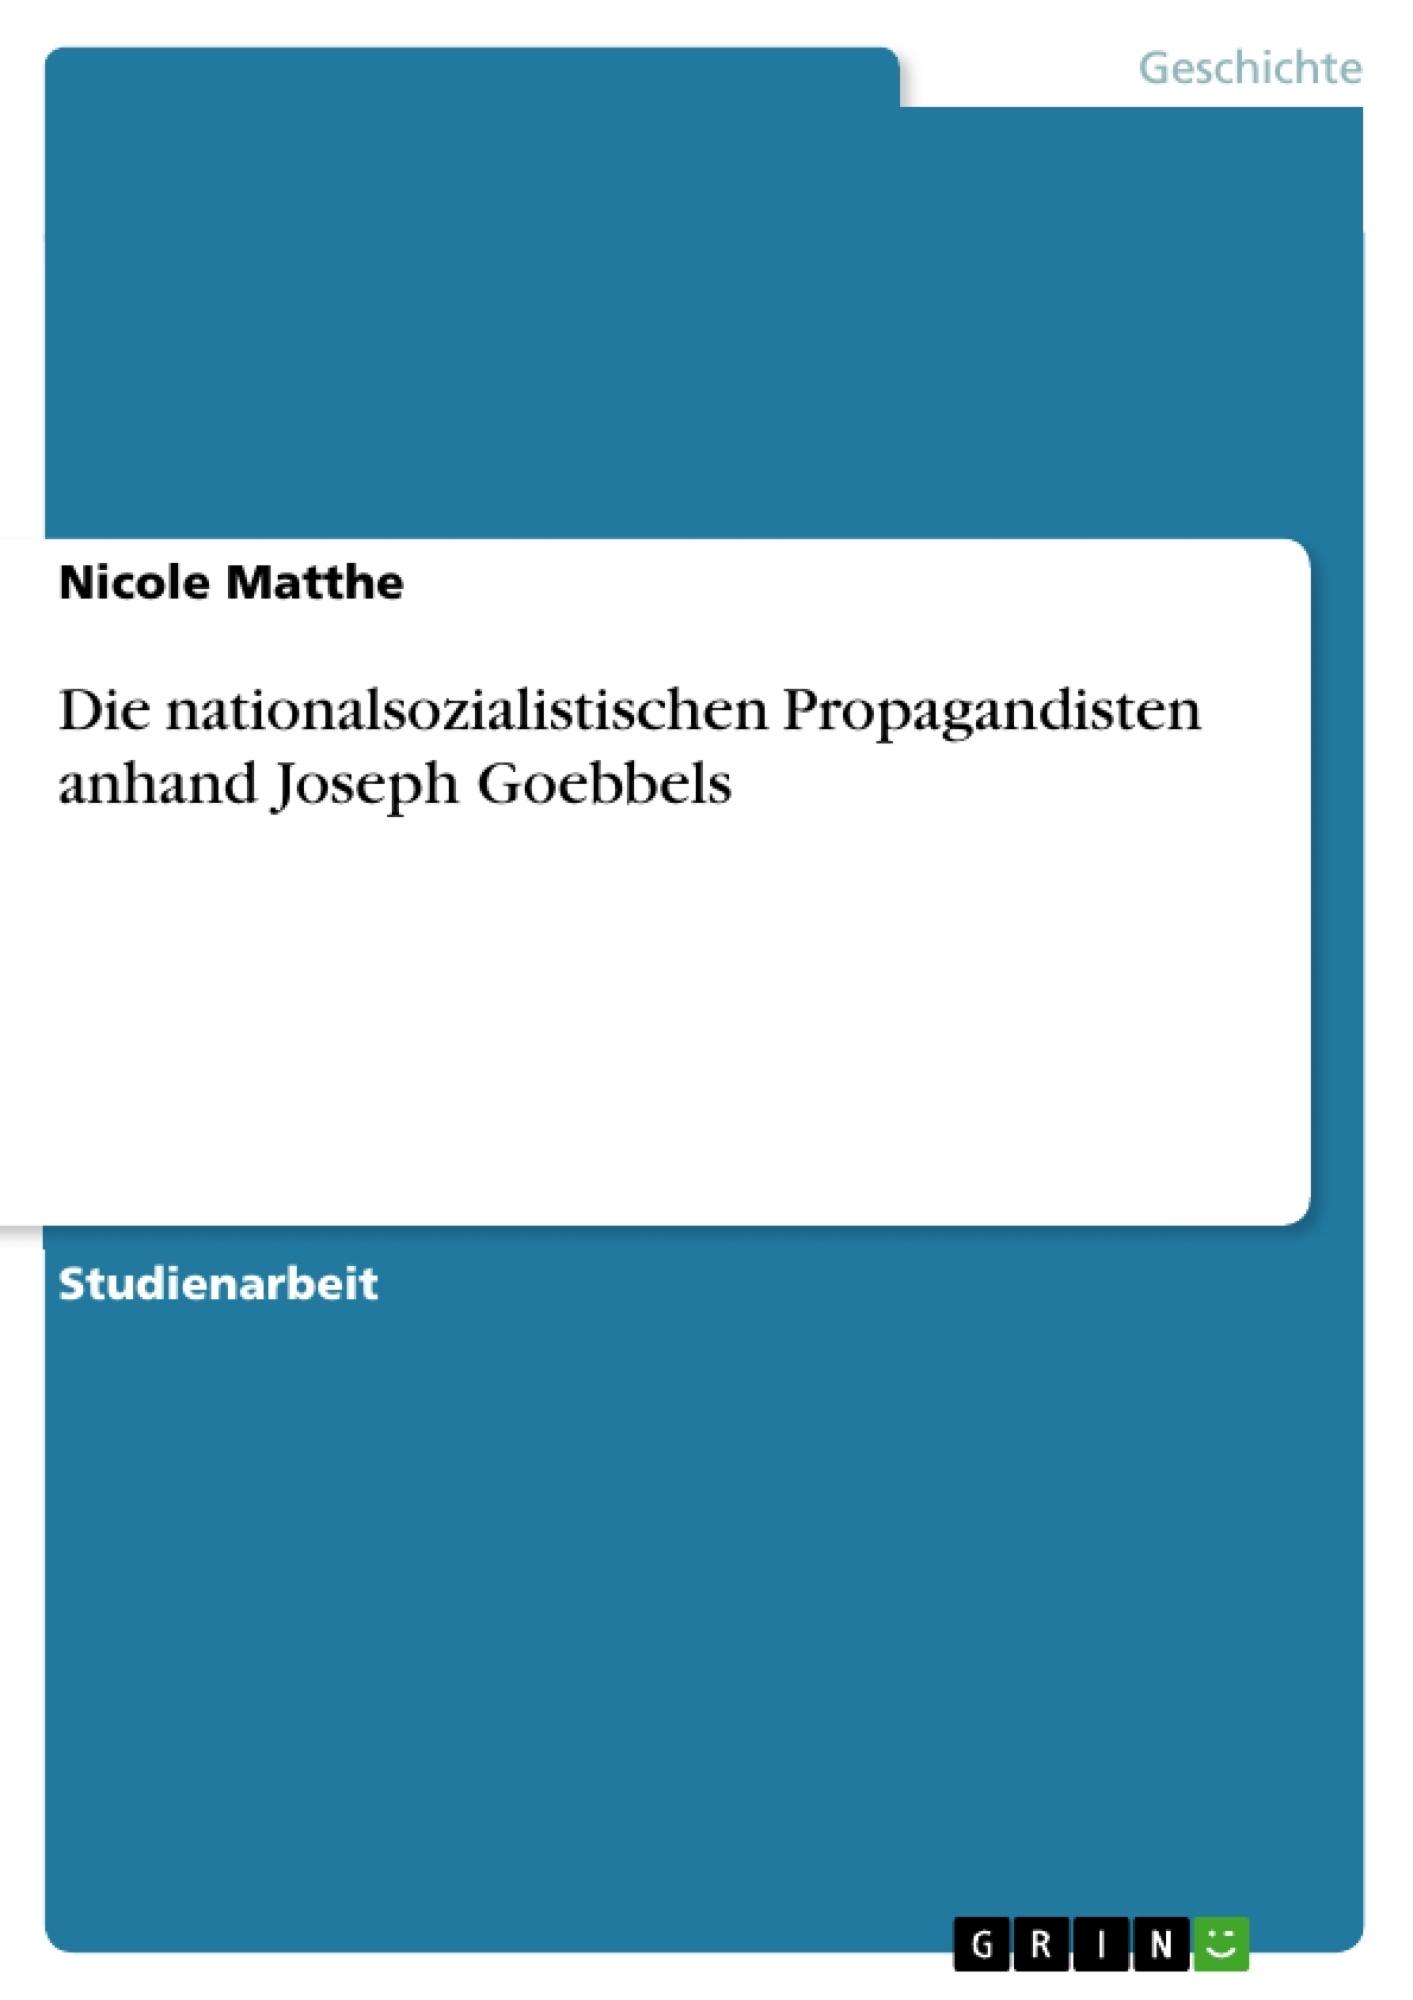 Titel: Die nationalsozialistischen Propagandisten anhand Joseph Goebbels